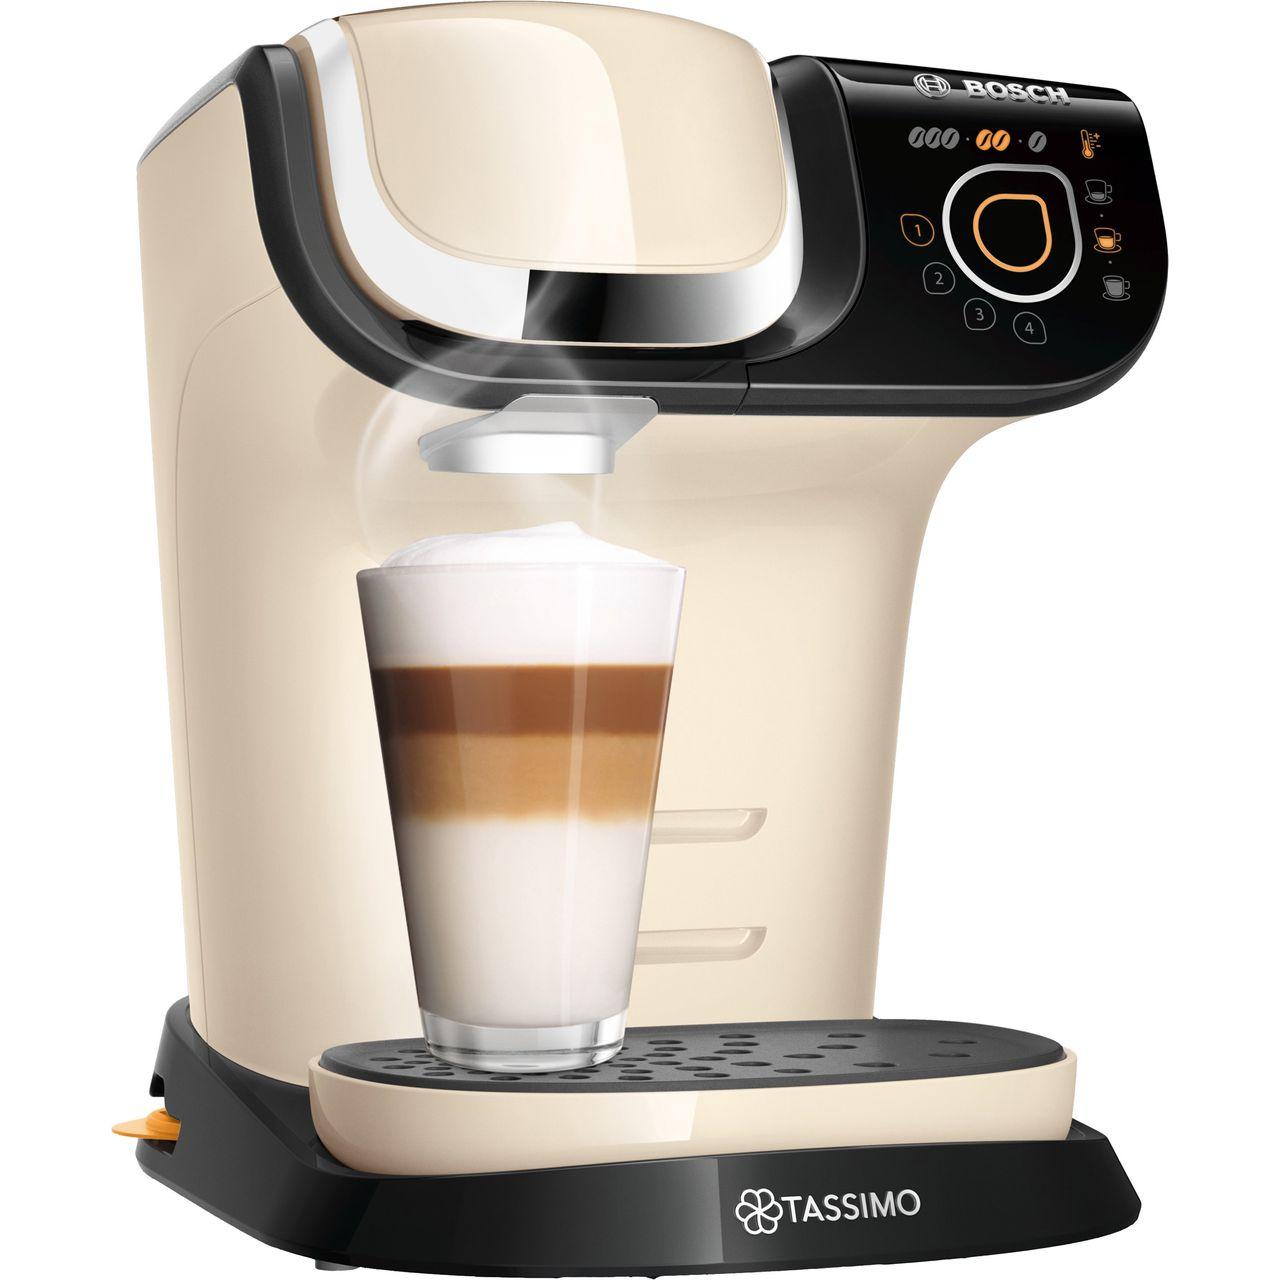 Details About Tassimo By Bosch Tas6507gb My Way 2 Pod Coffee Machine 1500 Watt Cream